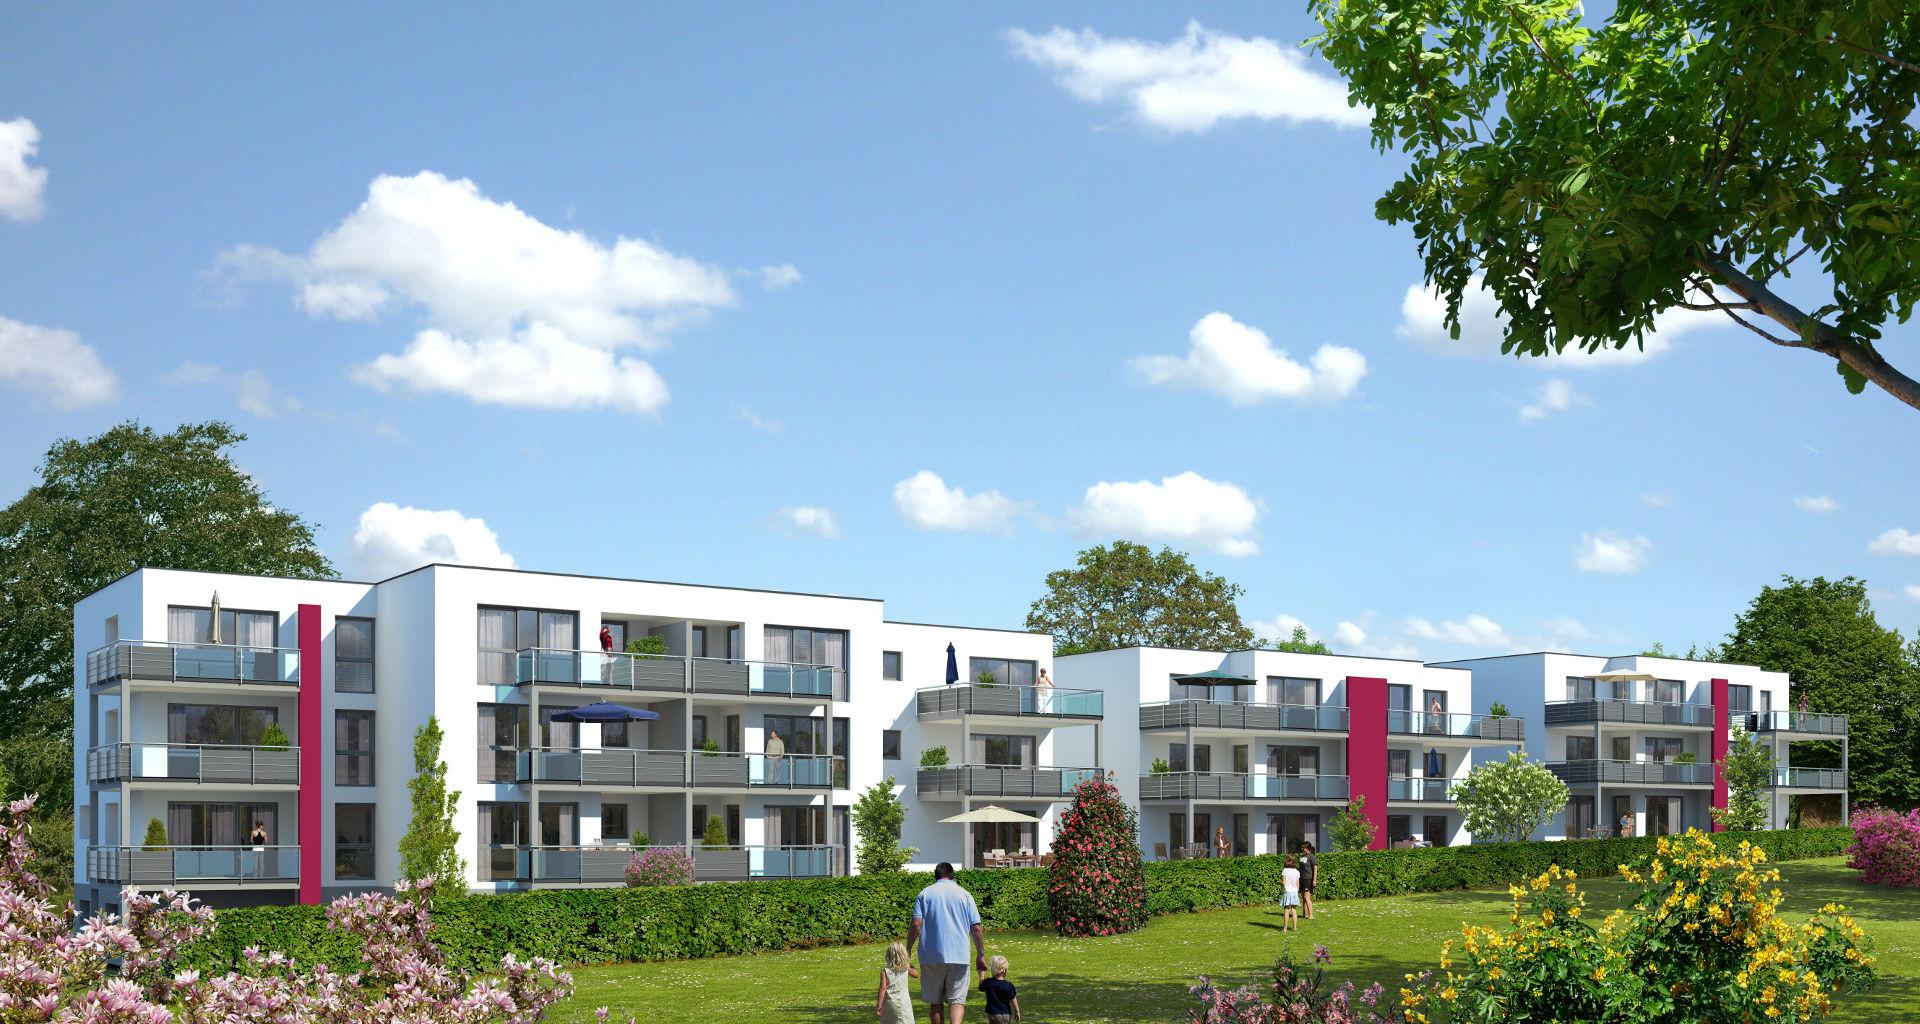 Neubau Wohnen am Park in Rechberghausen